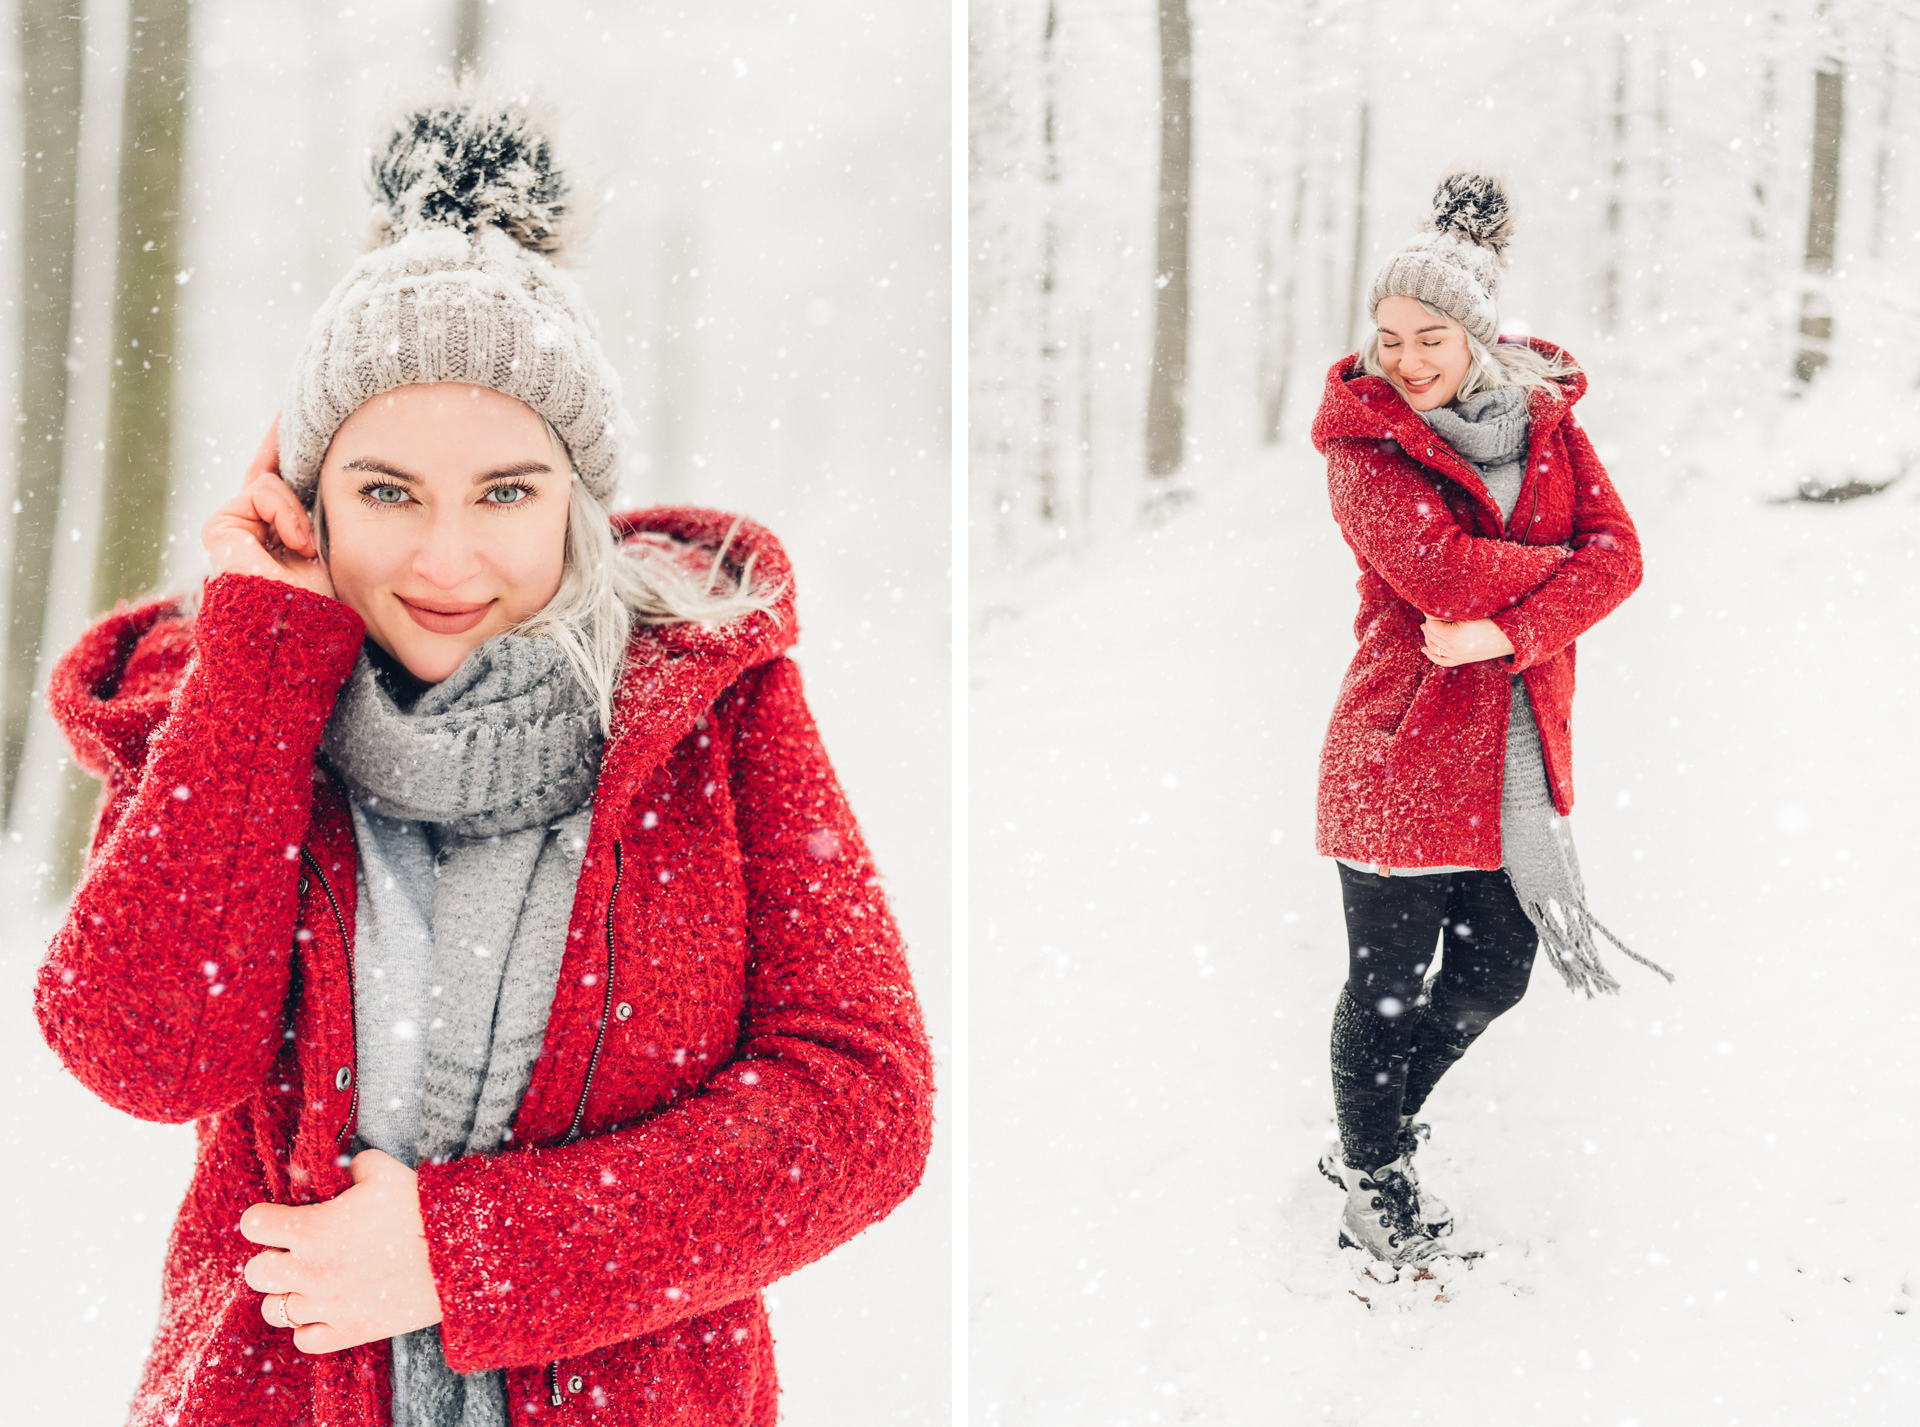 Natürliche Portraits im roten Mantel im Schnee